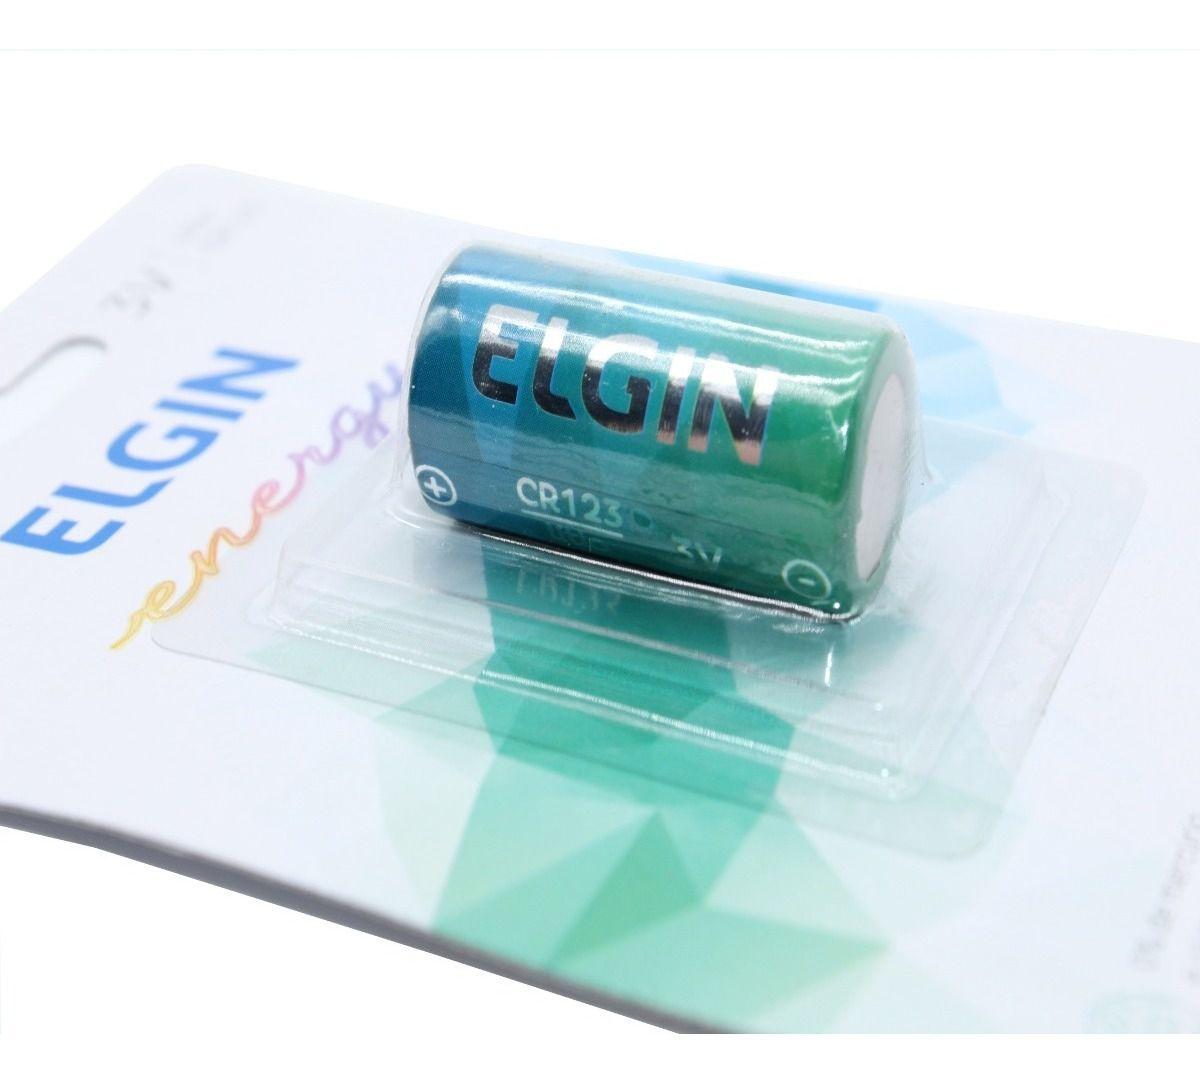 20 Pilha Bateria CR123A 3V Lithium ELGIN 20 cartela